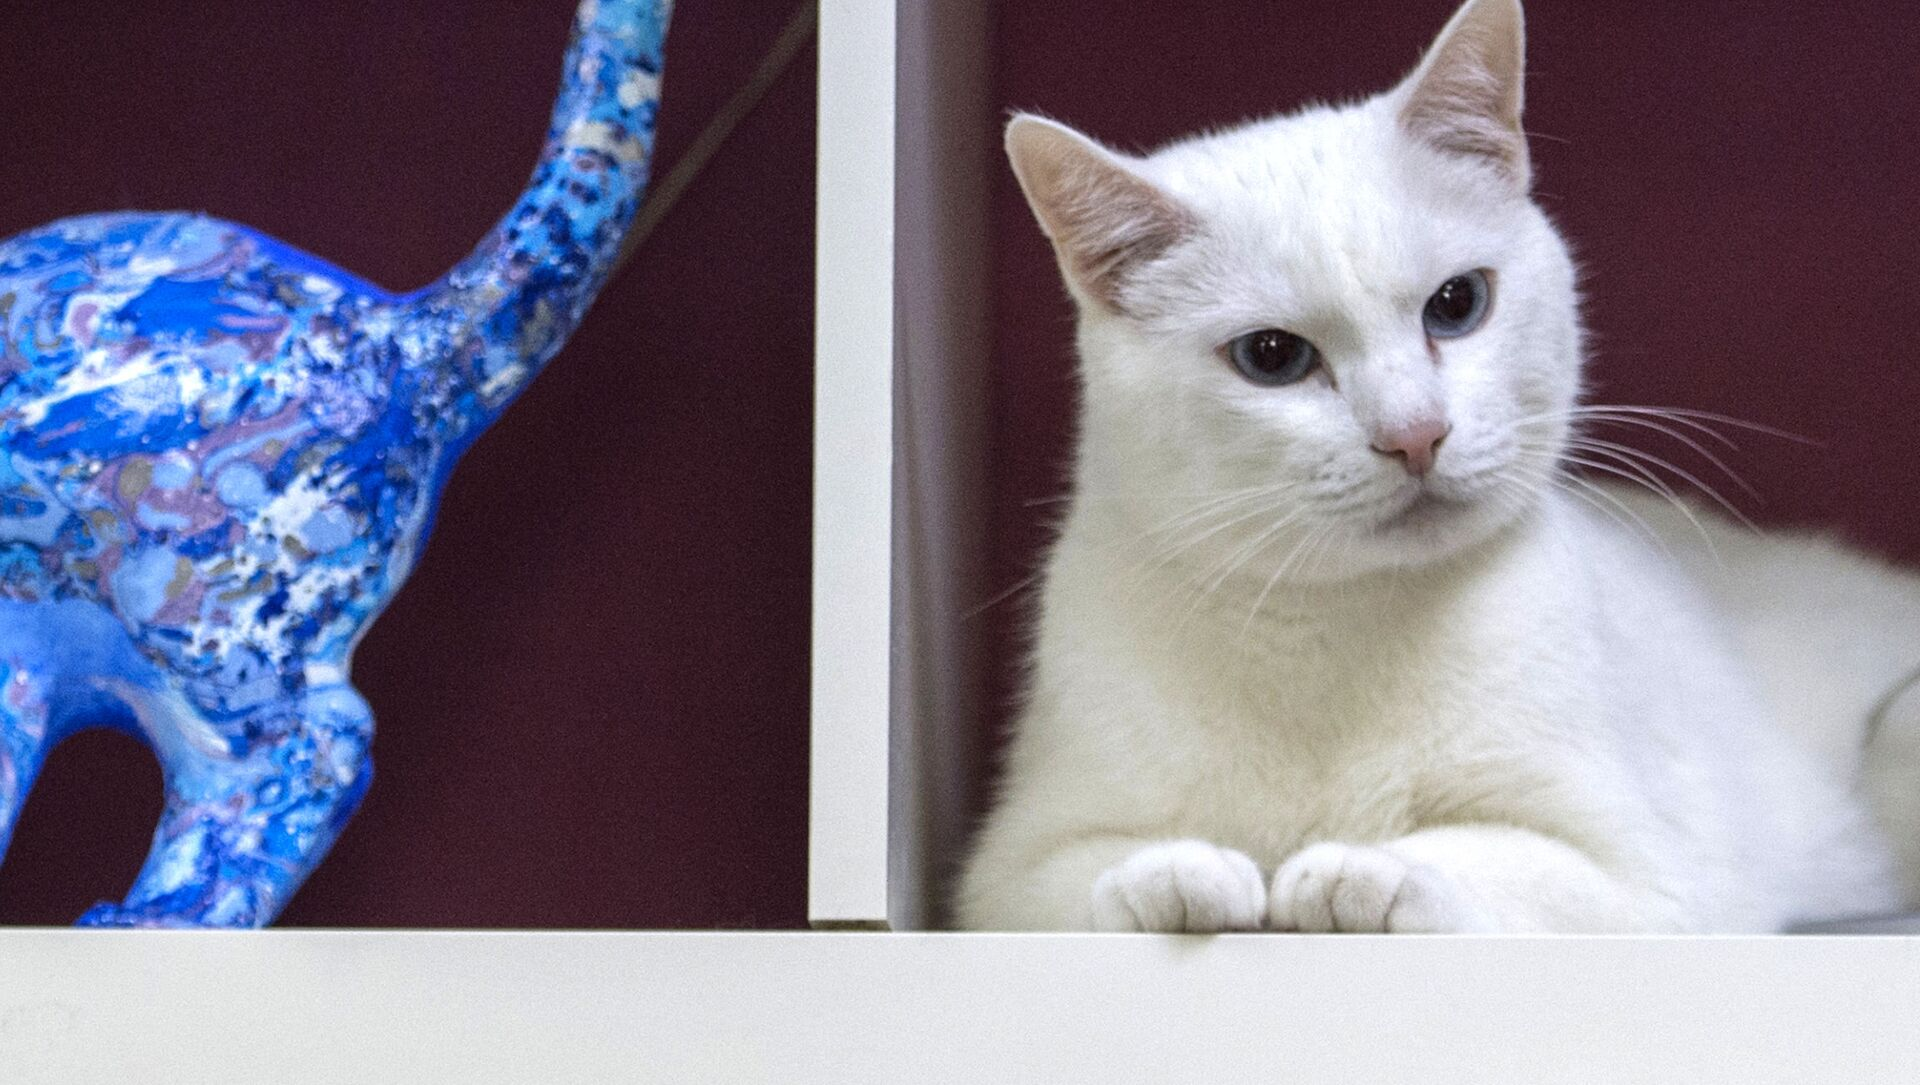 エルミタージュの猫 - Sputnik 日本, 1920, 26.02.2021